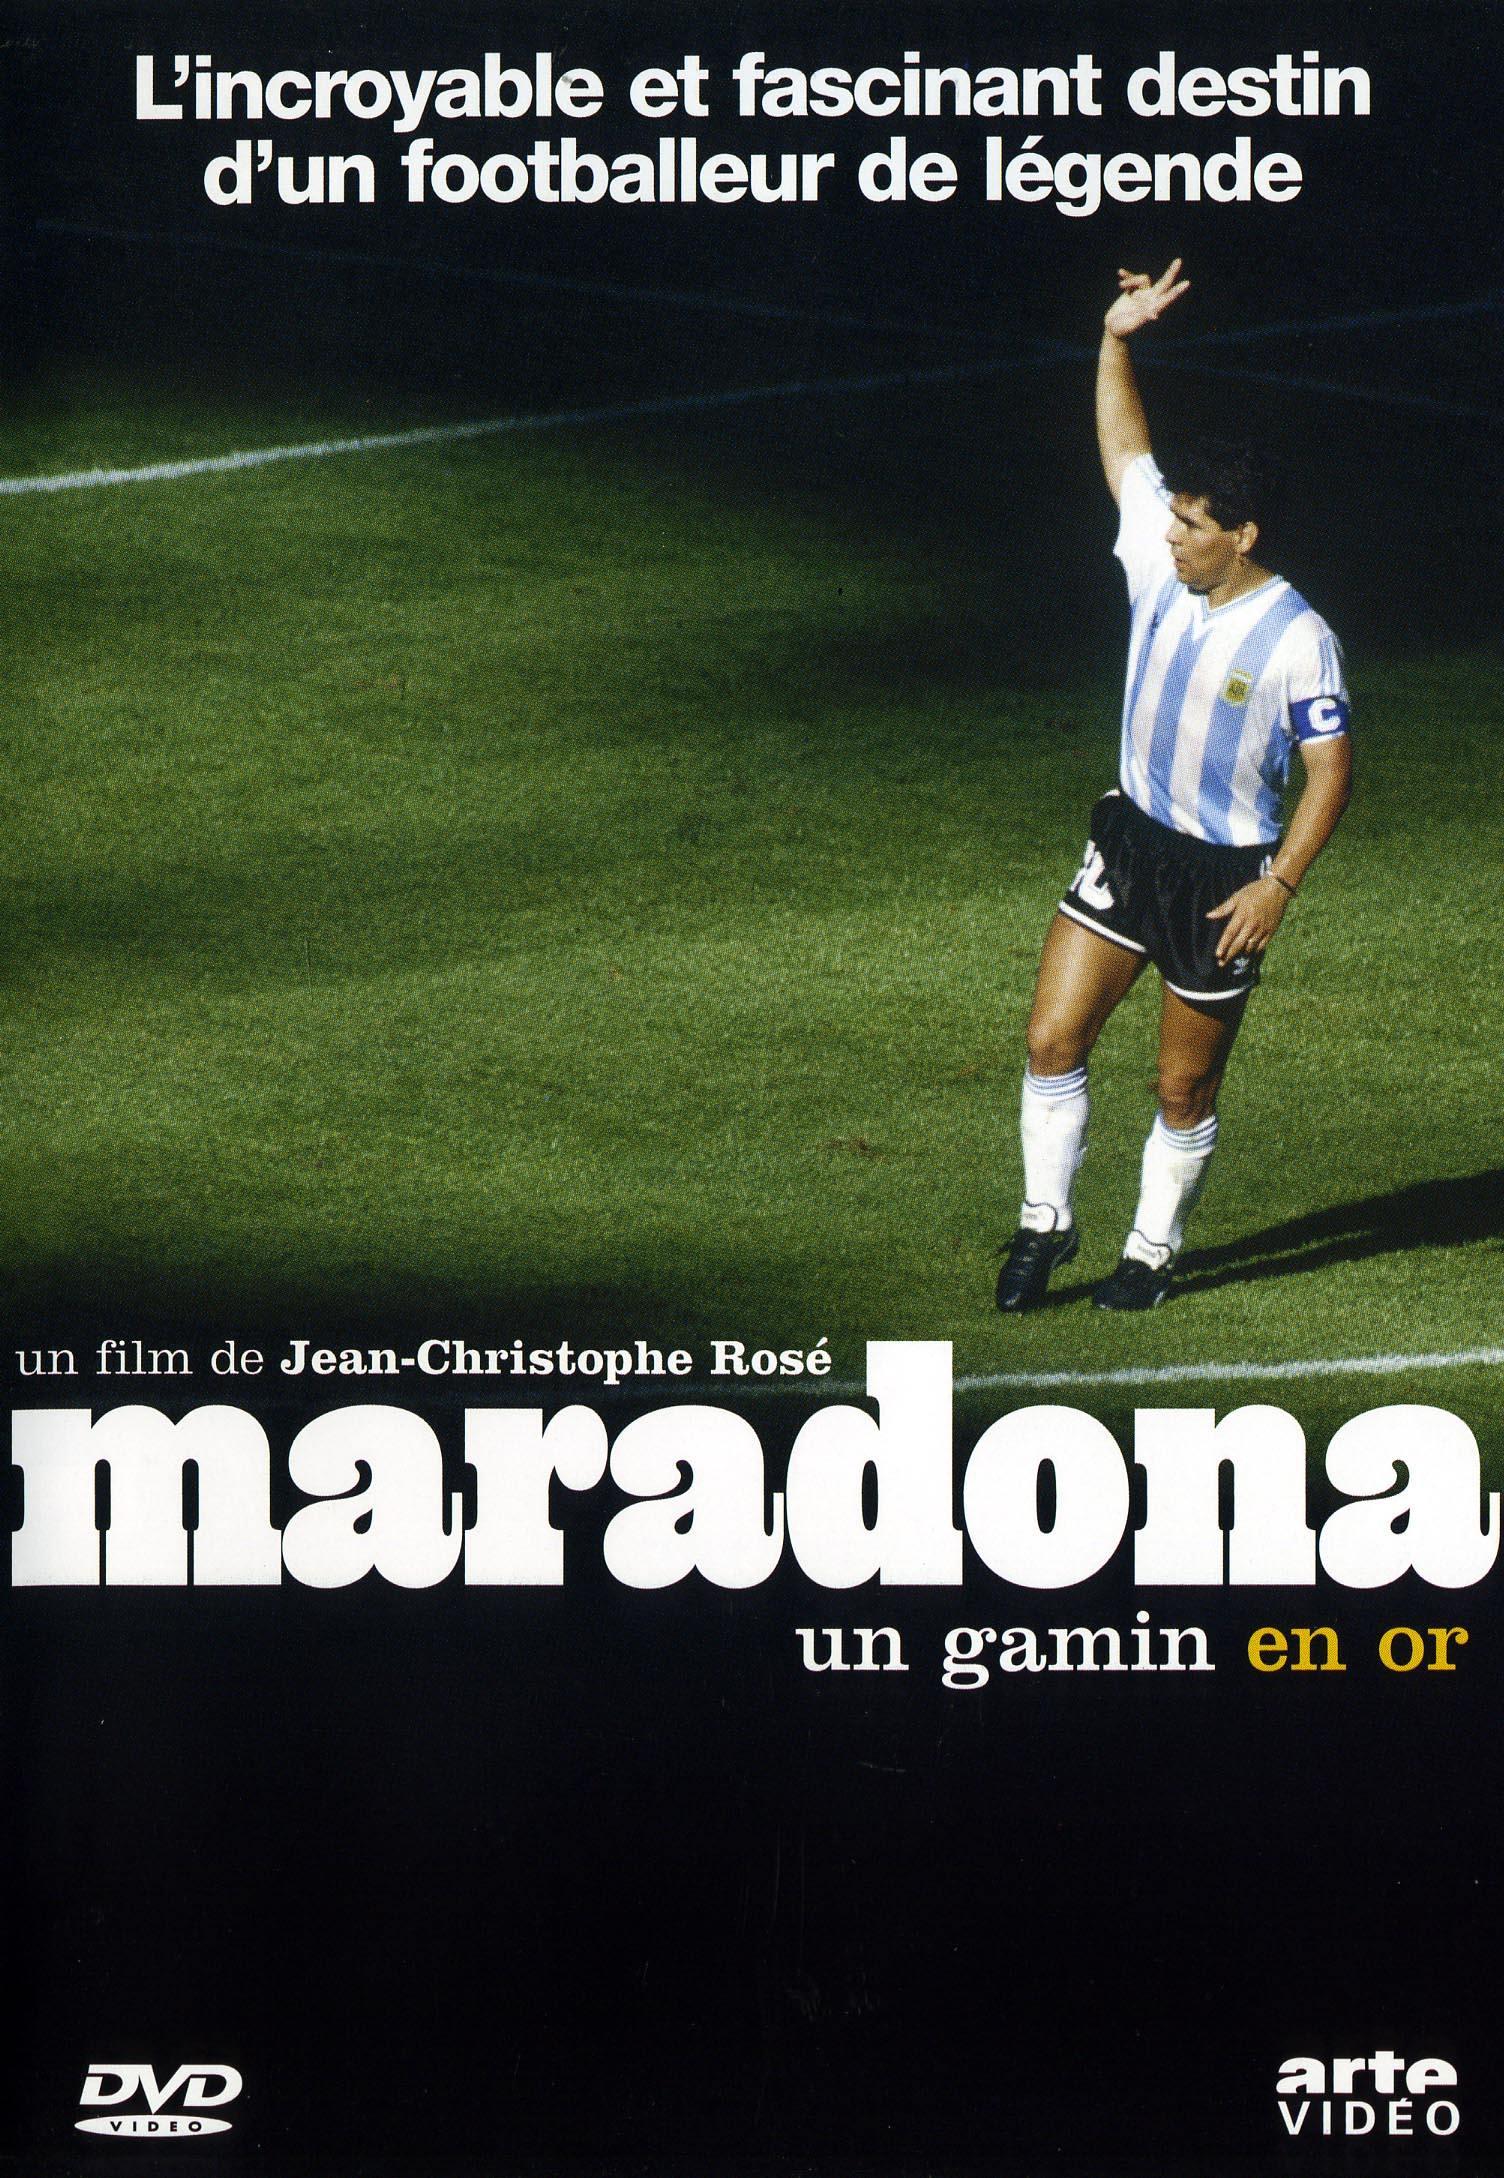 Maradona, un gamin en or - dvd